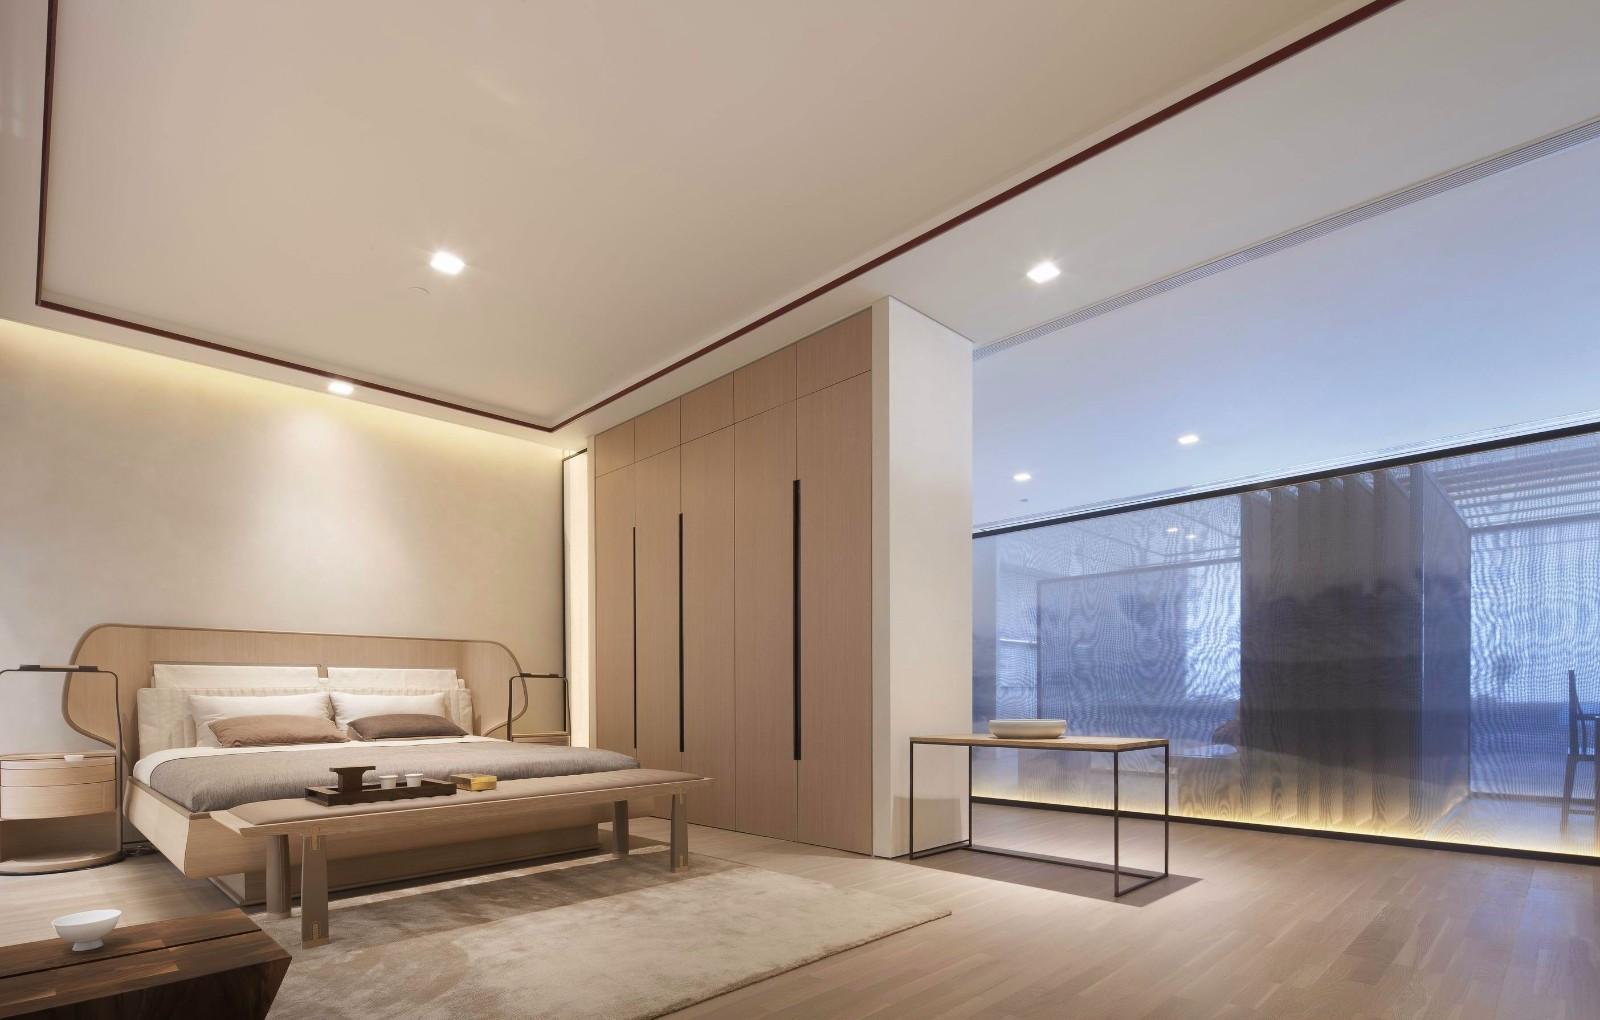 简约新中式风格卧室装修效果图